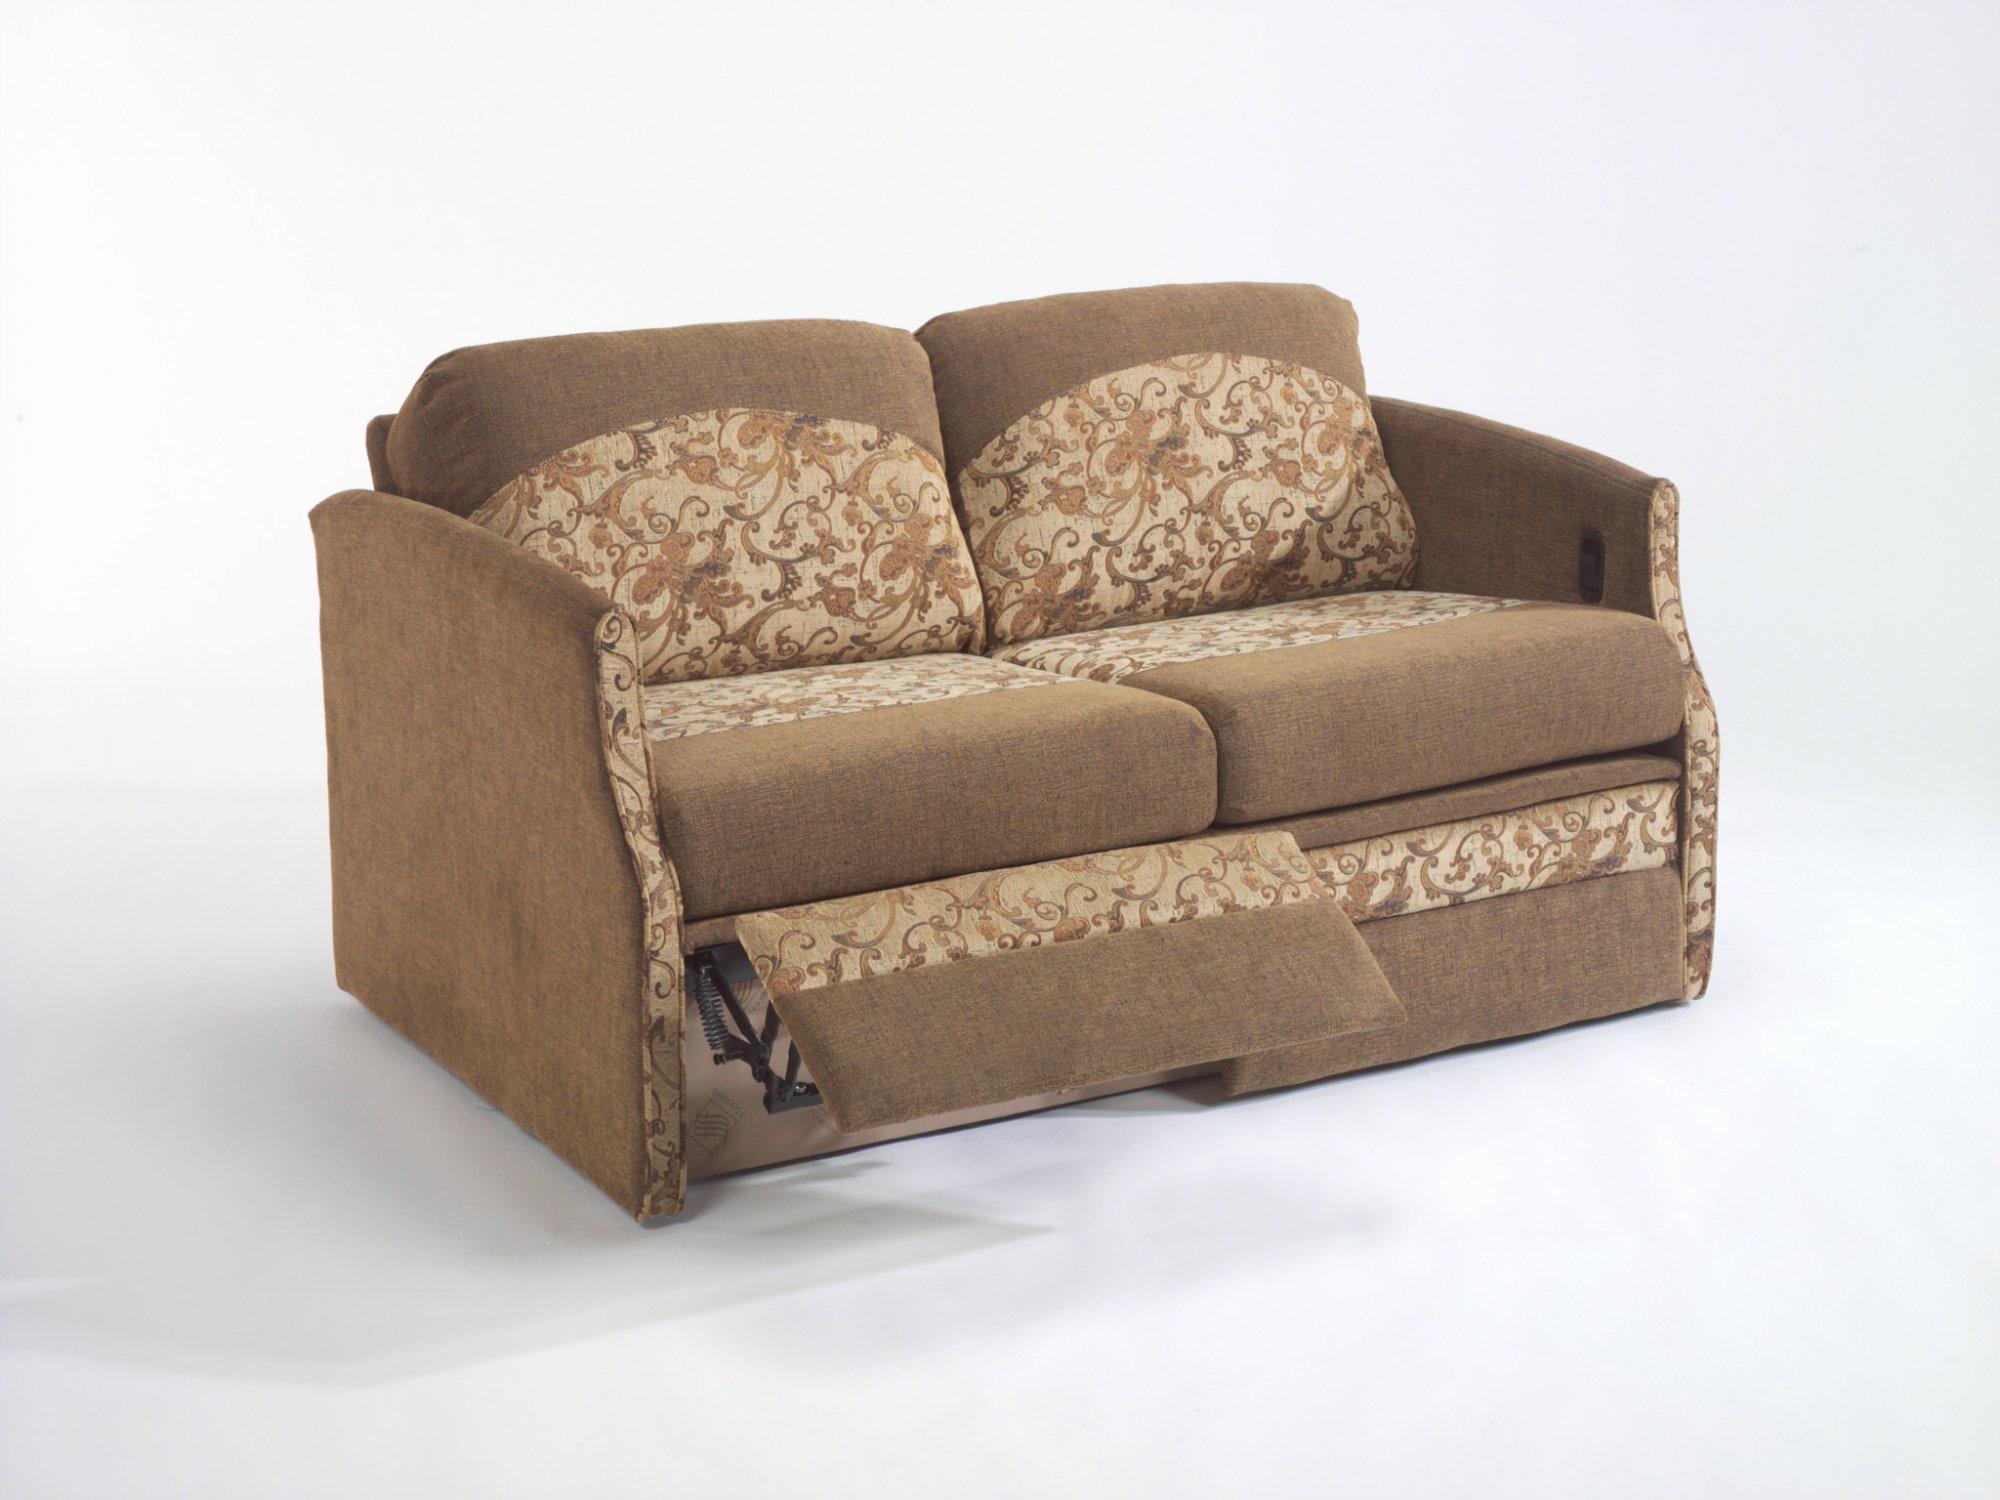 Flexsteel Bridgeport  Motor Home Convertible Sofa Sleeper